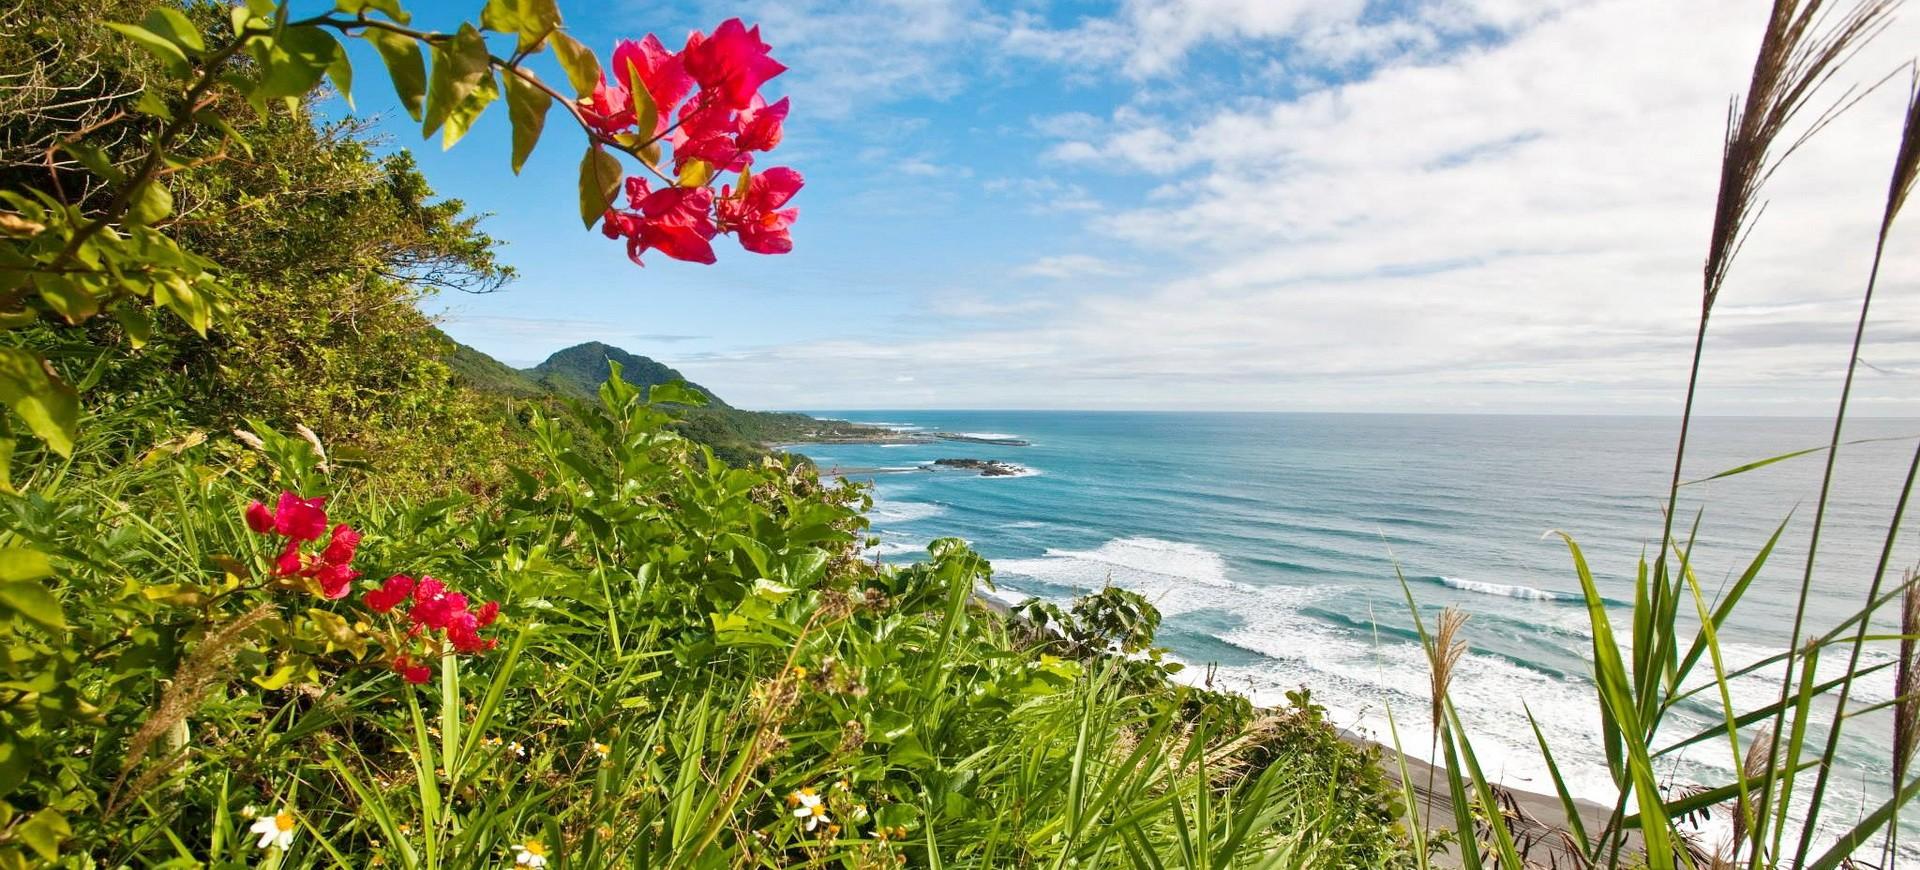 Taiwan Taitung La côte sauvage